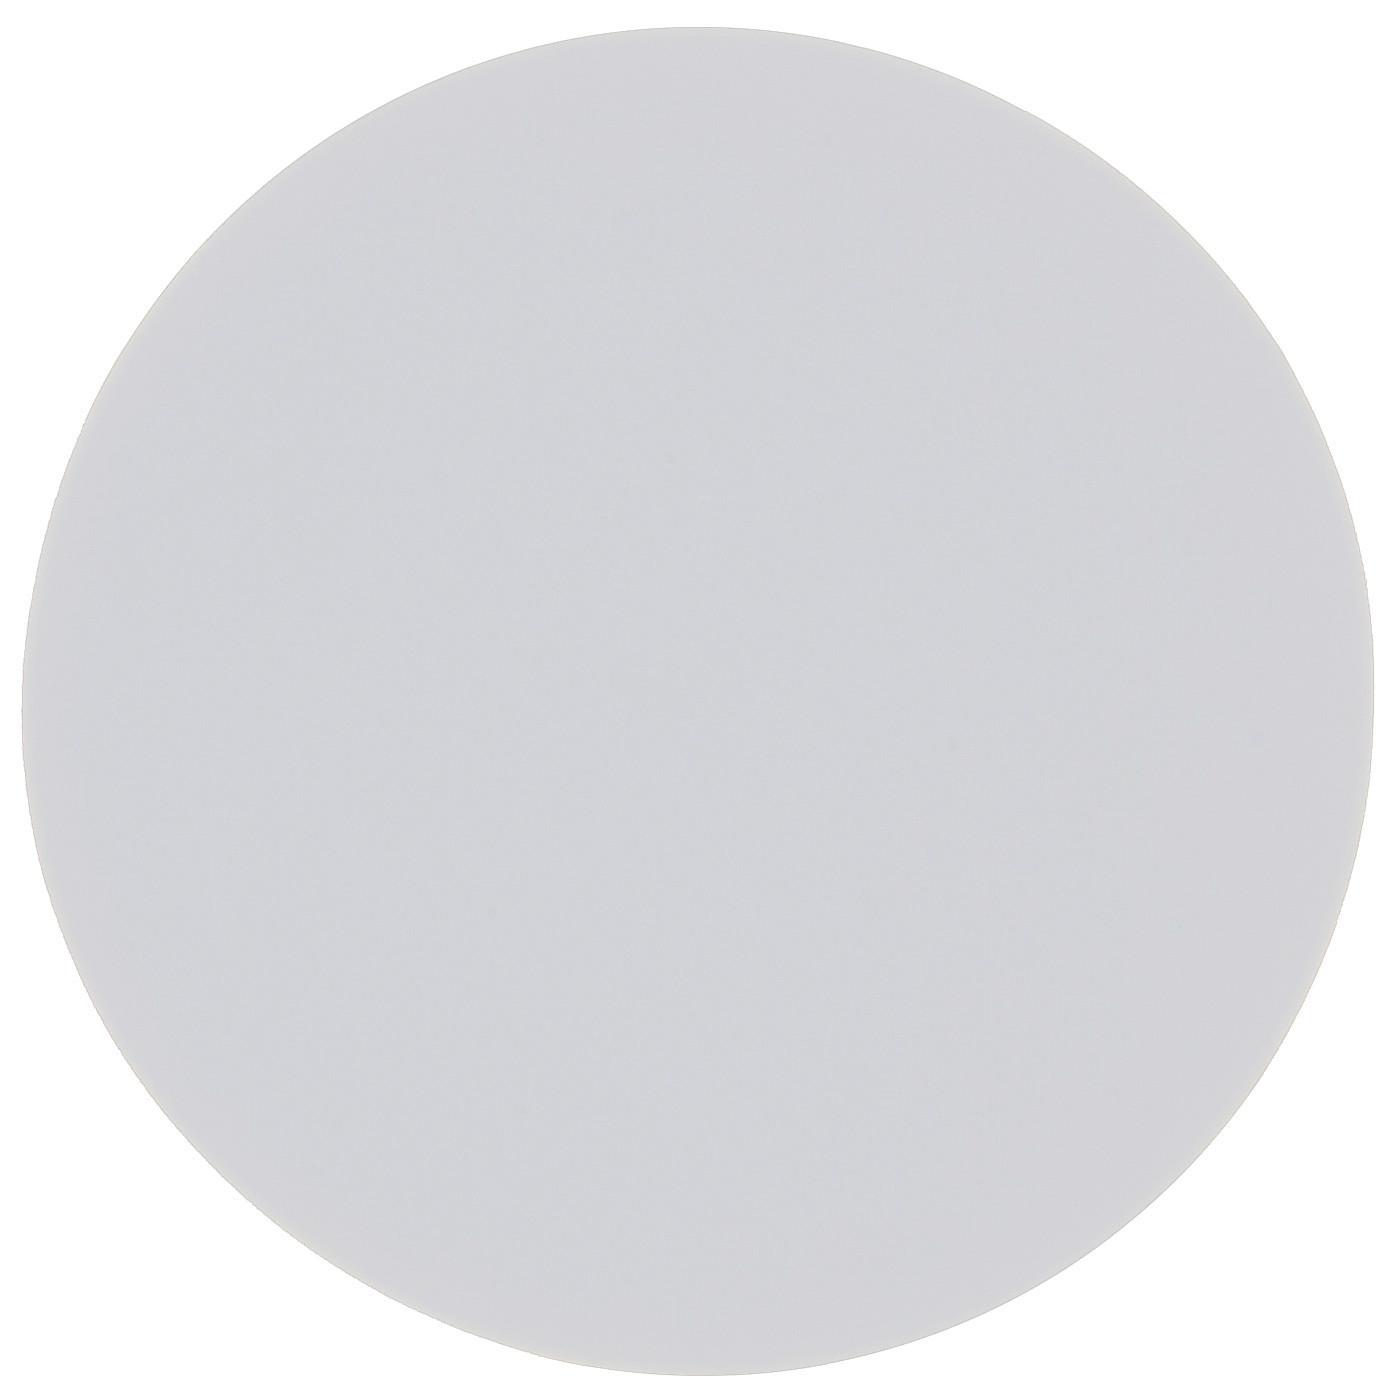 Astro Eclipse Round 350 Wandleuchte